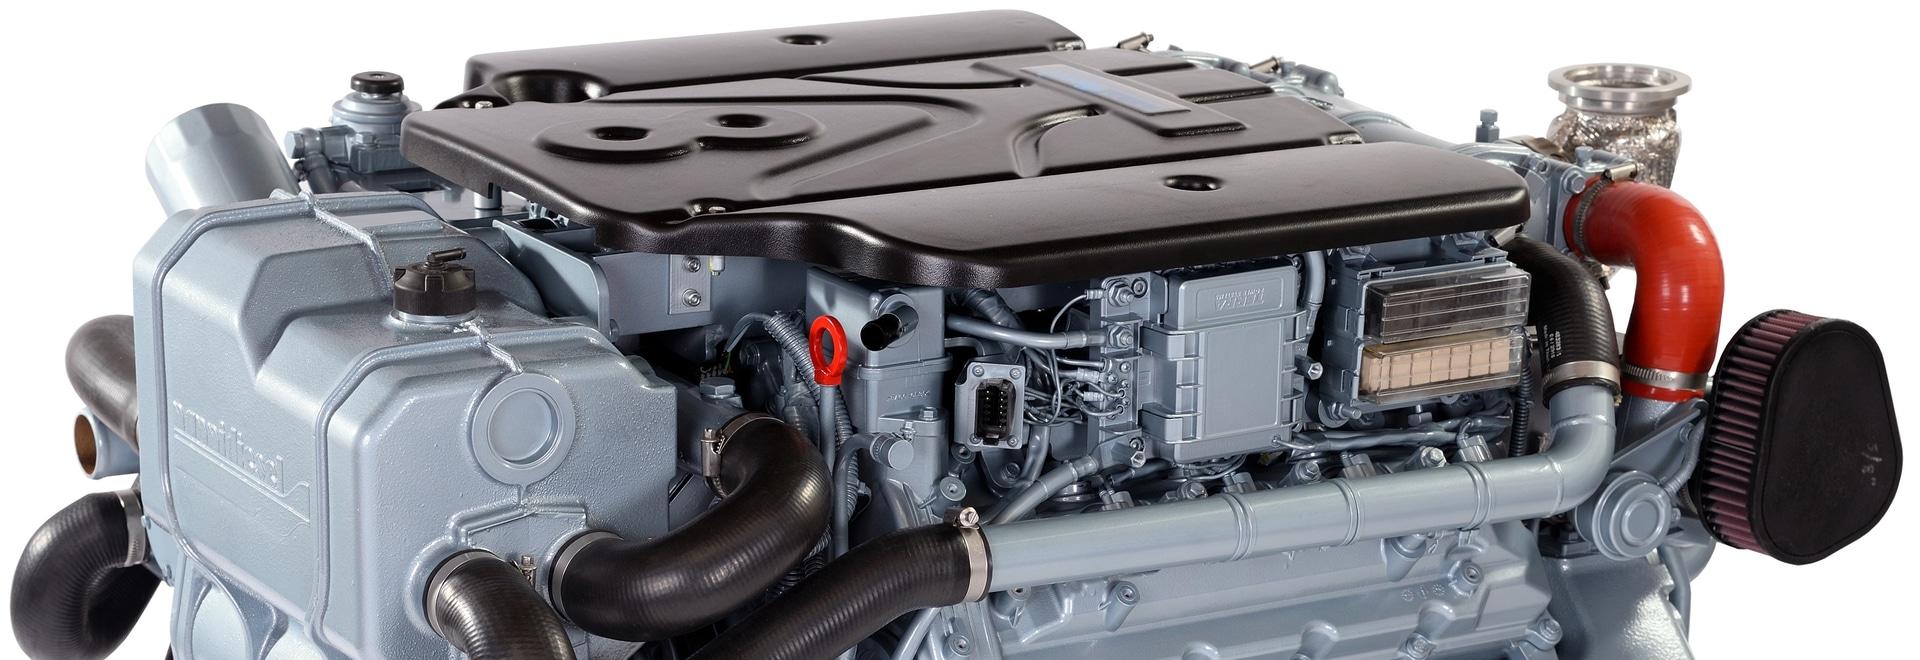 T8V.370 Nanni engine